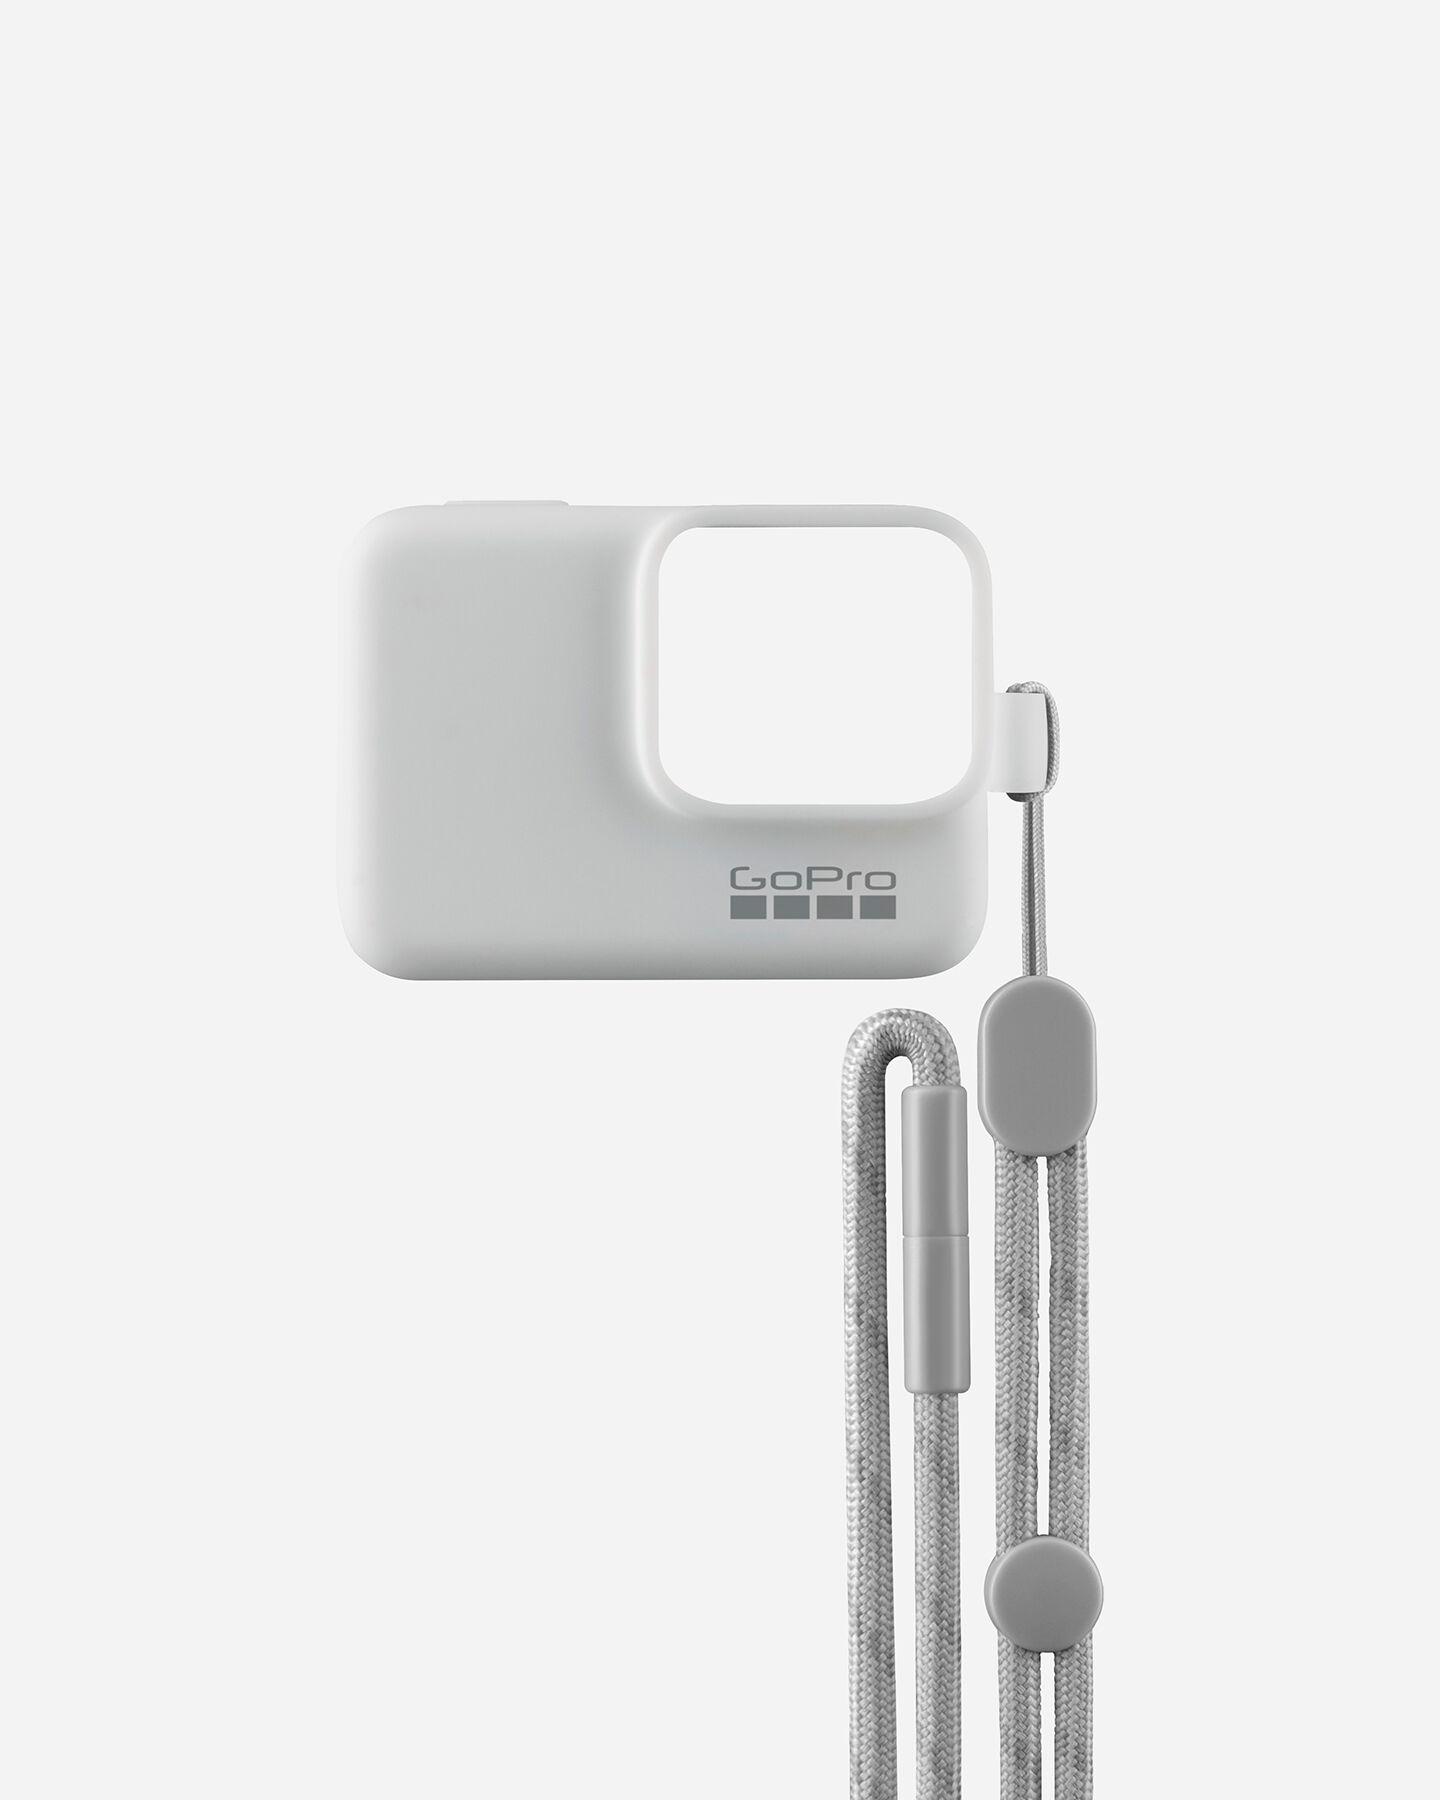 Gopro Case + Lanyard Videocamera -